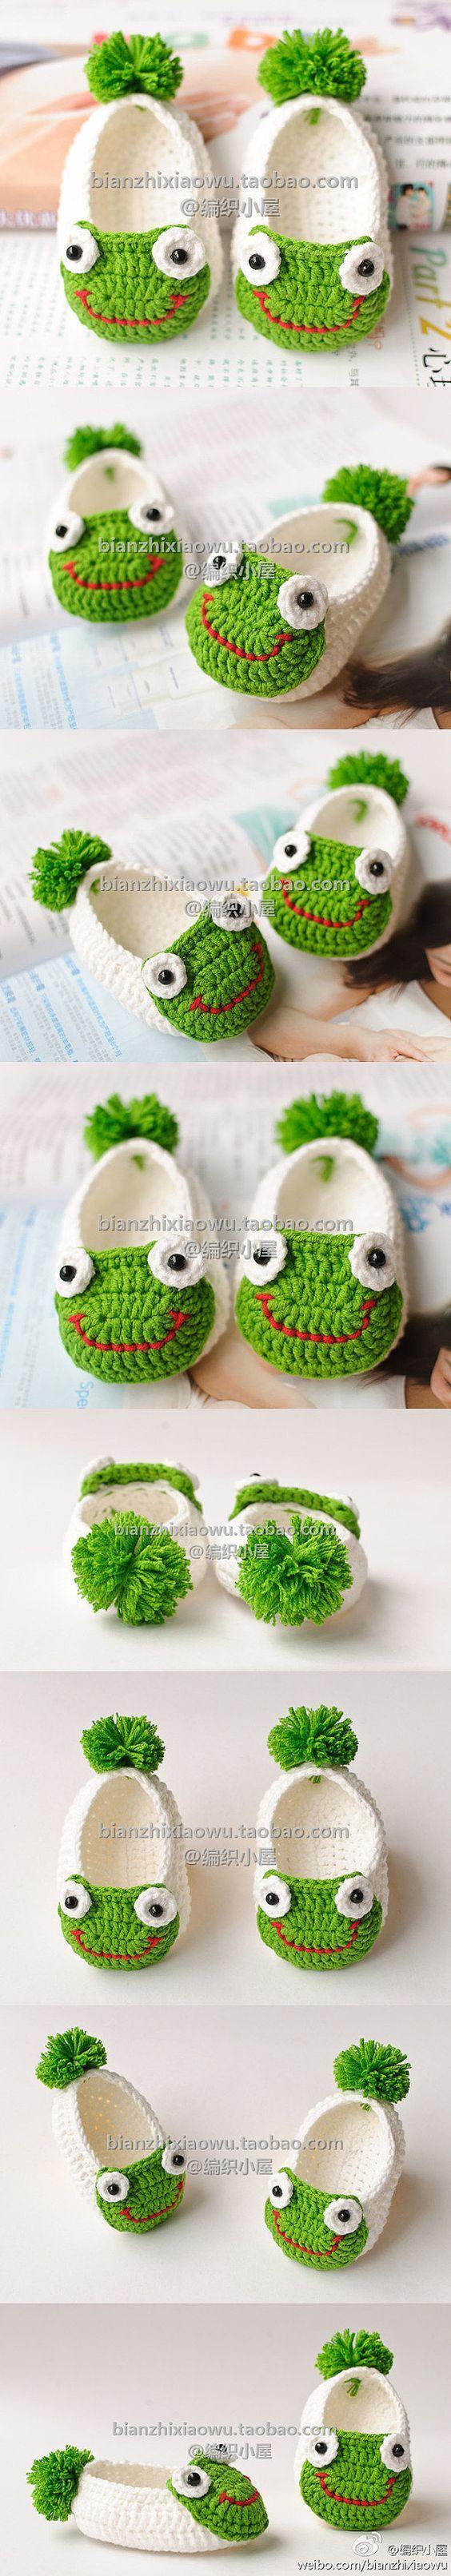 PARLAK TAŞLI KOLAY KOLYE YAPALIM MI #crochetbabyshoes